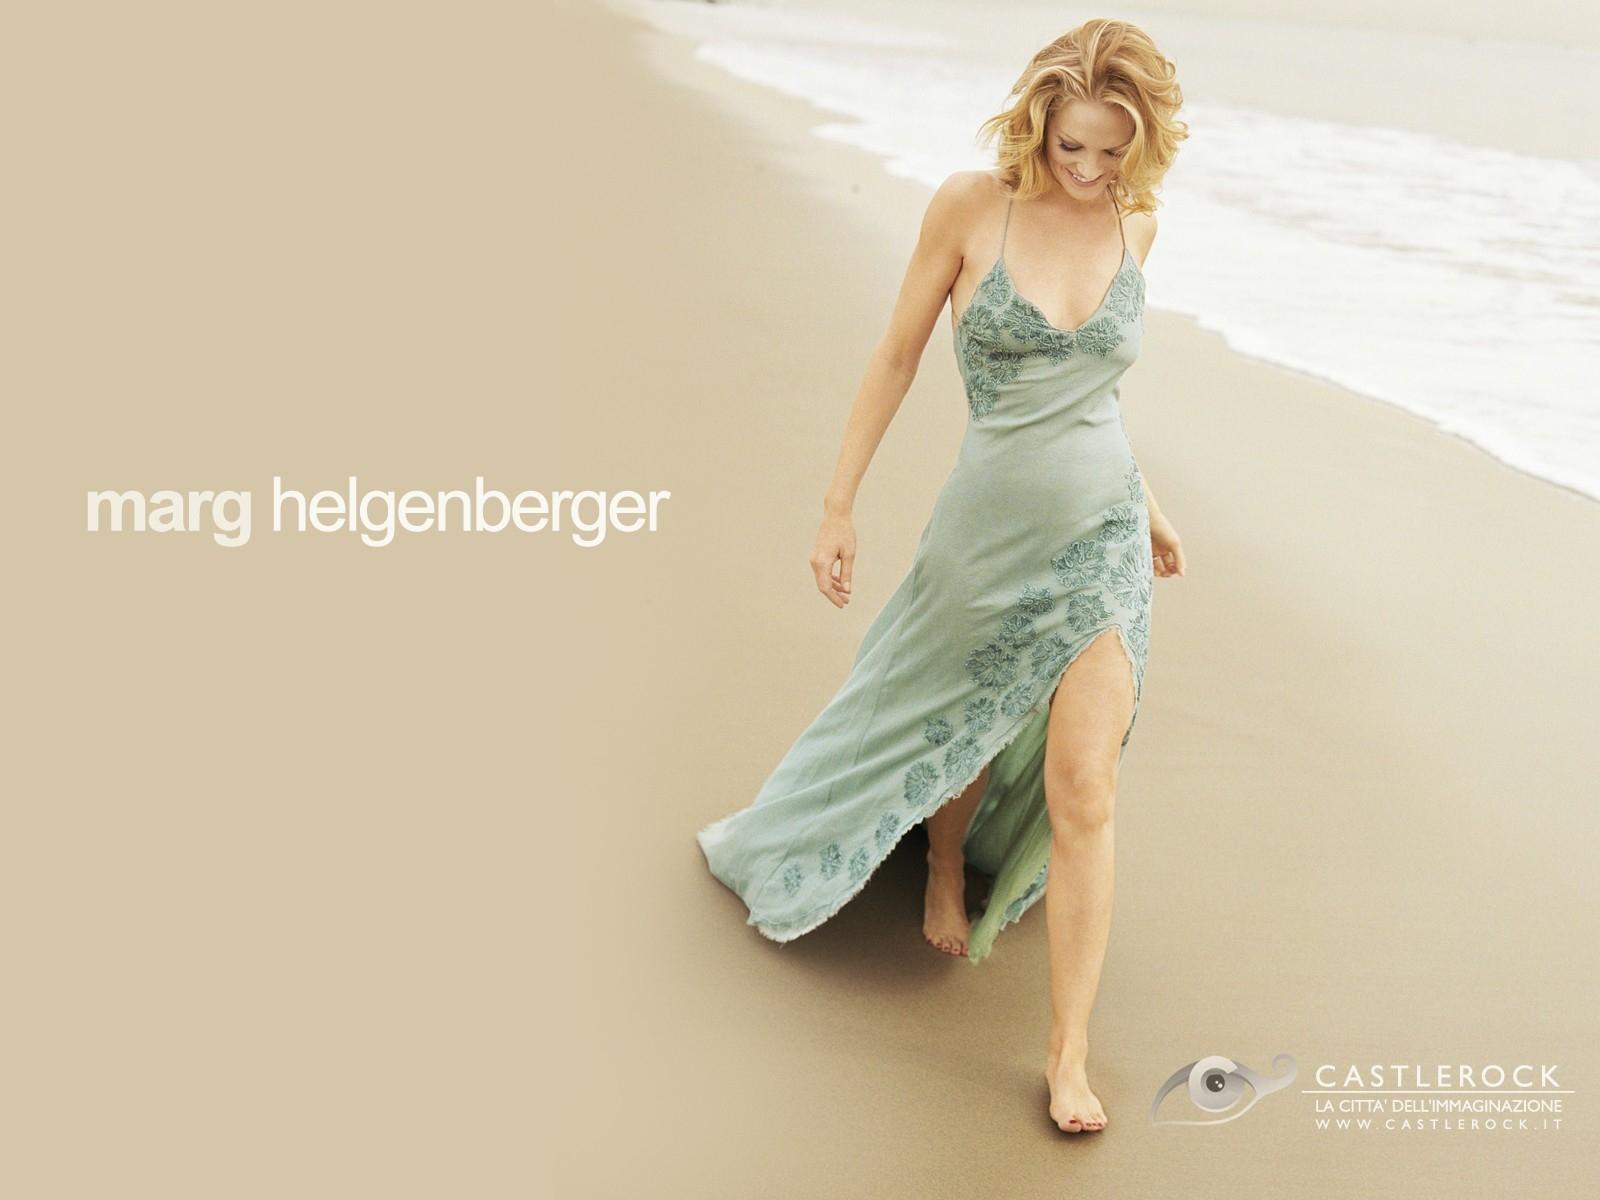 Wallpaper di Marg Helgenberger